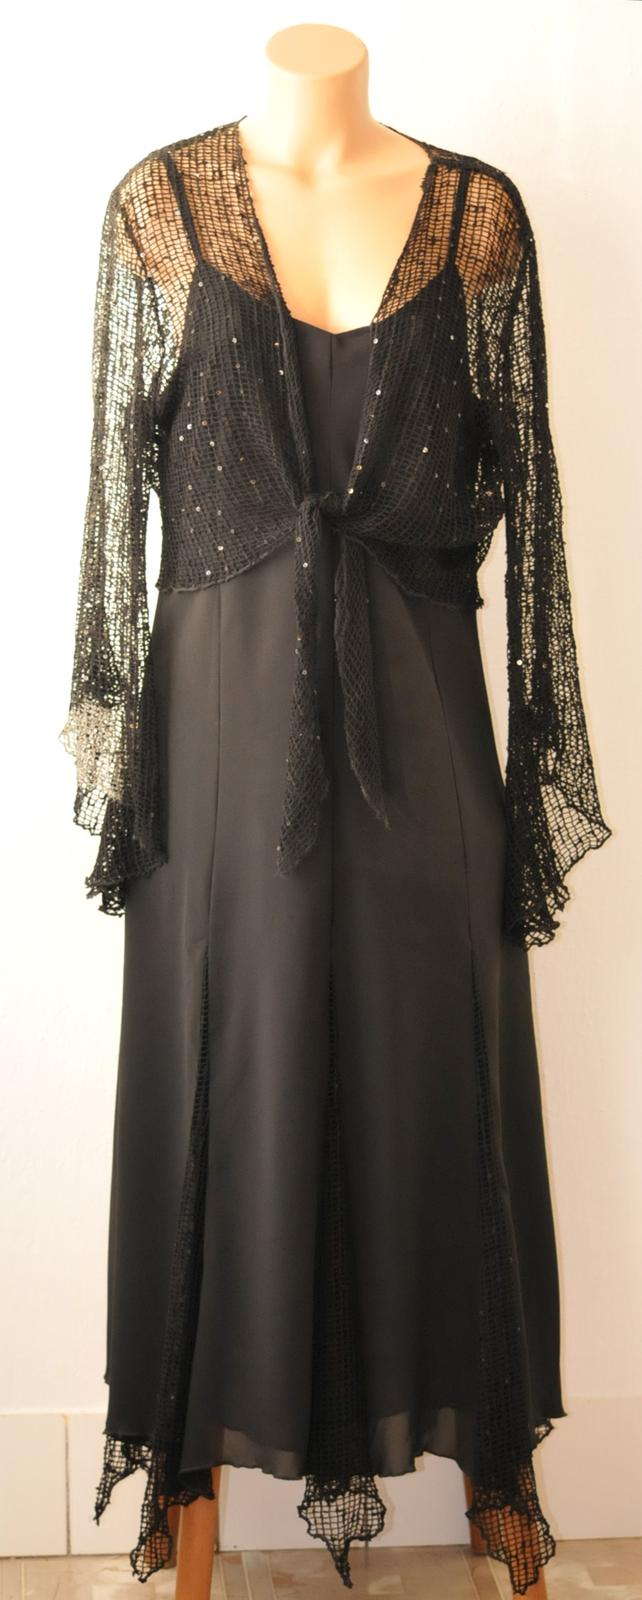 Spoločenské dámske šaty + bolerko cc7d582742f